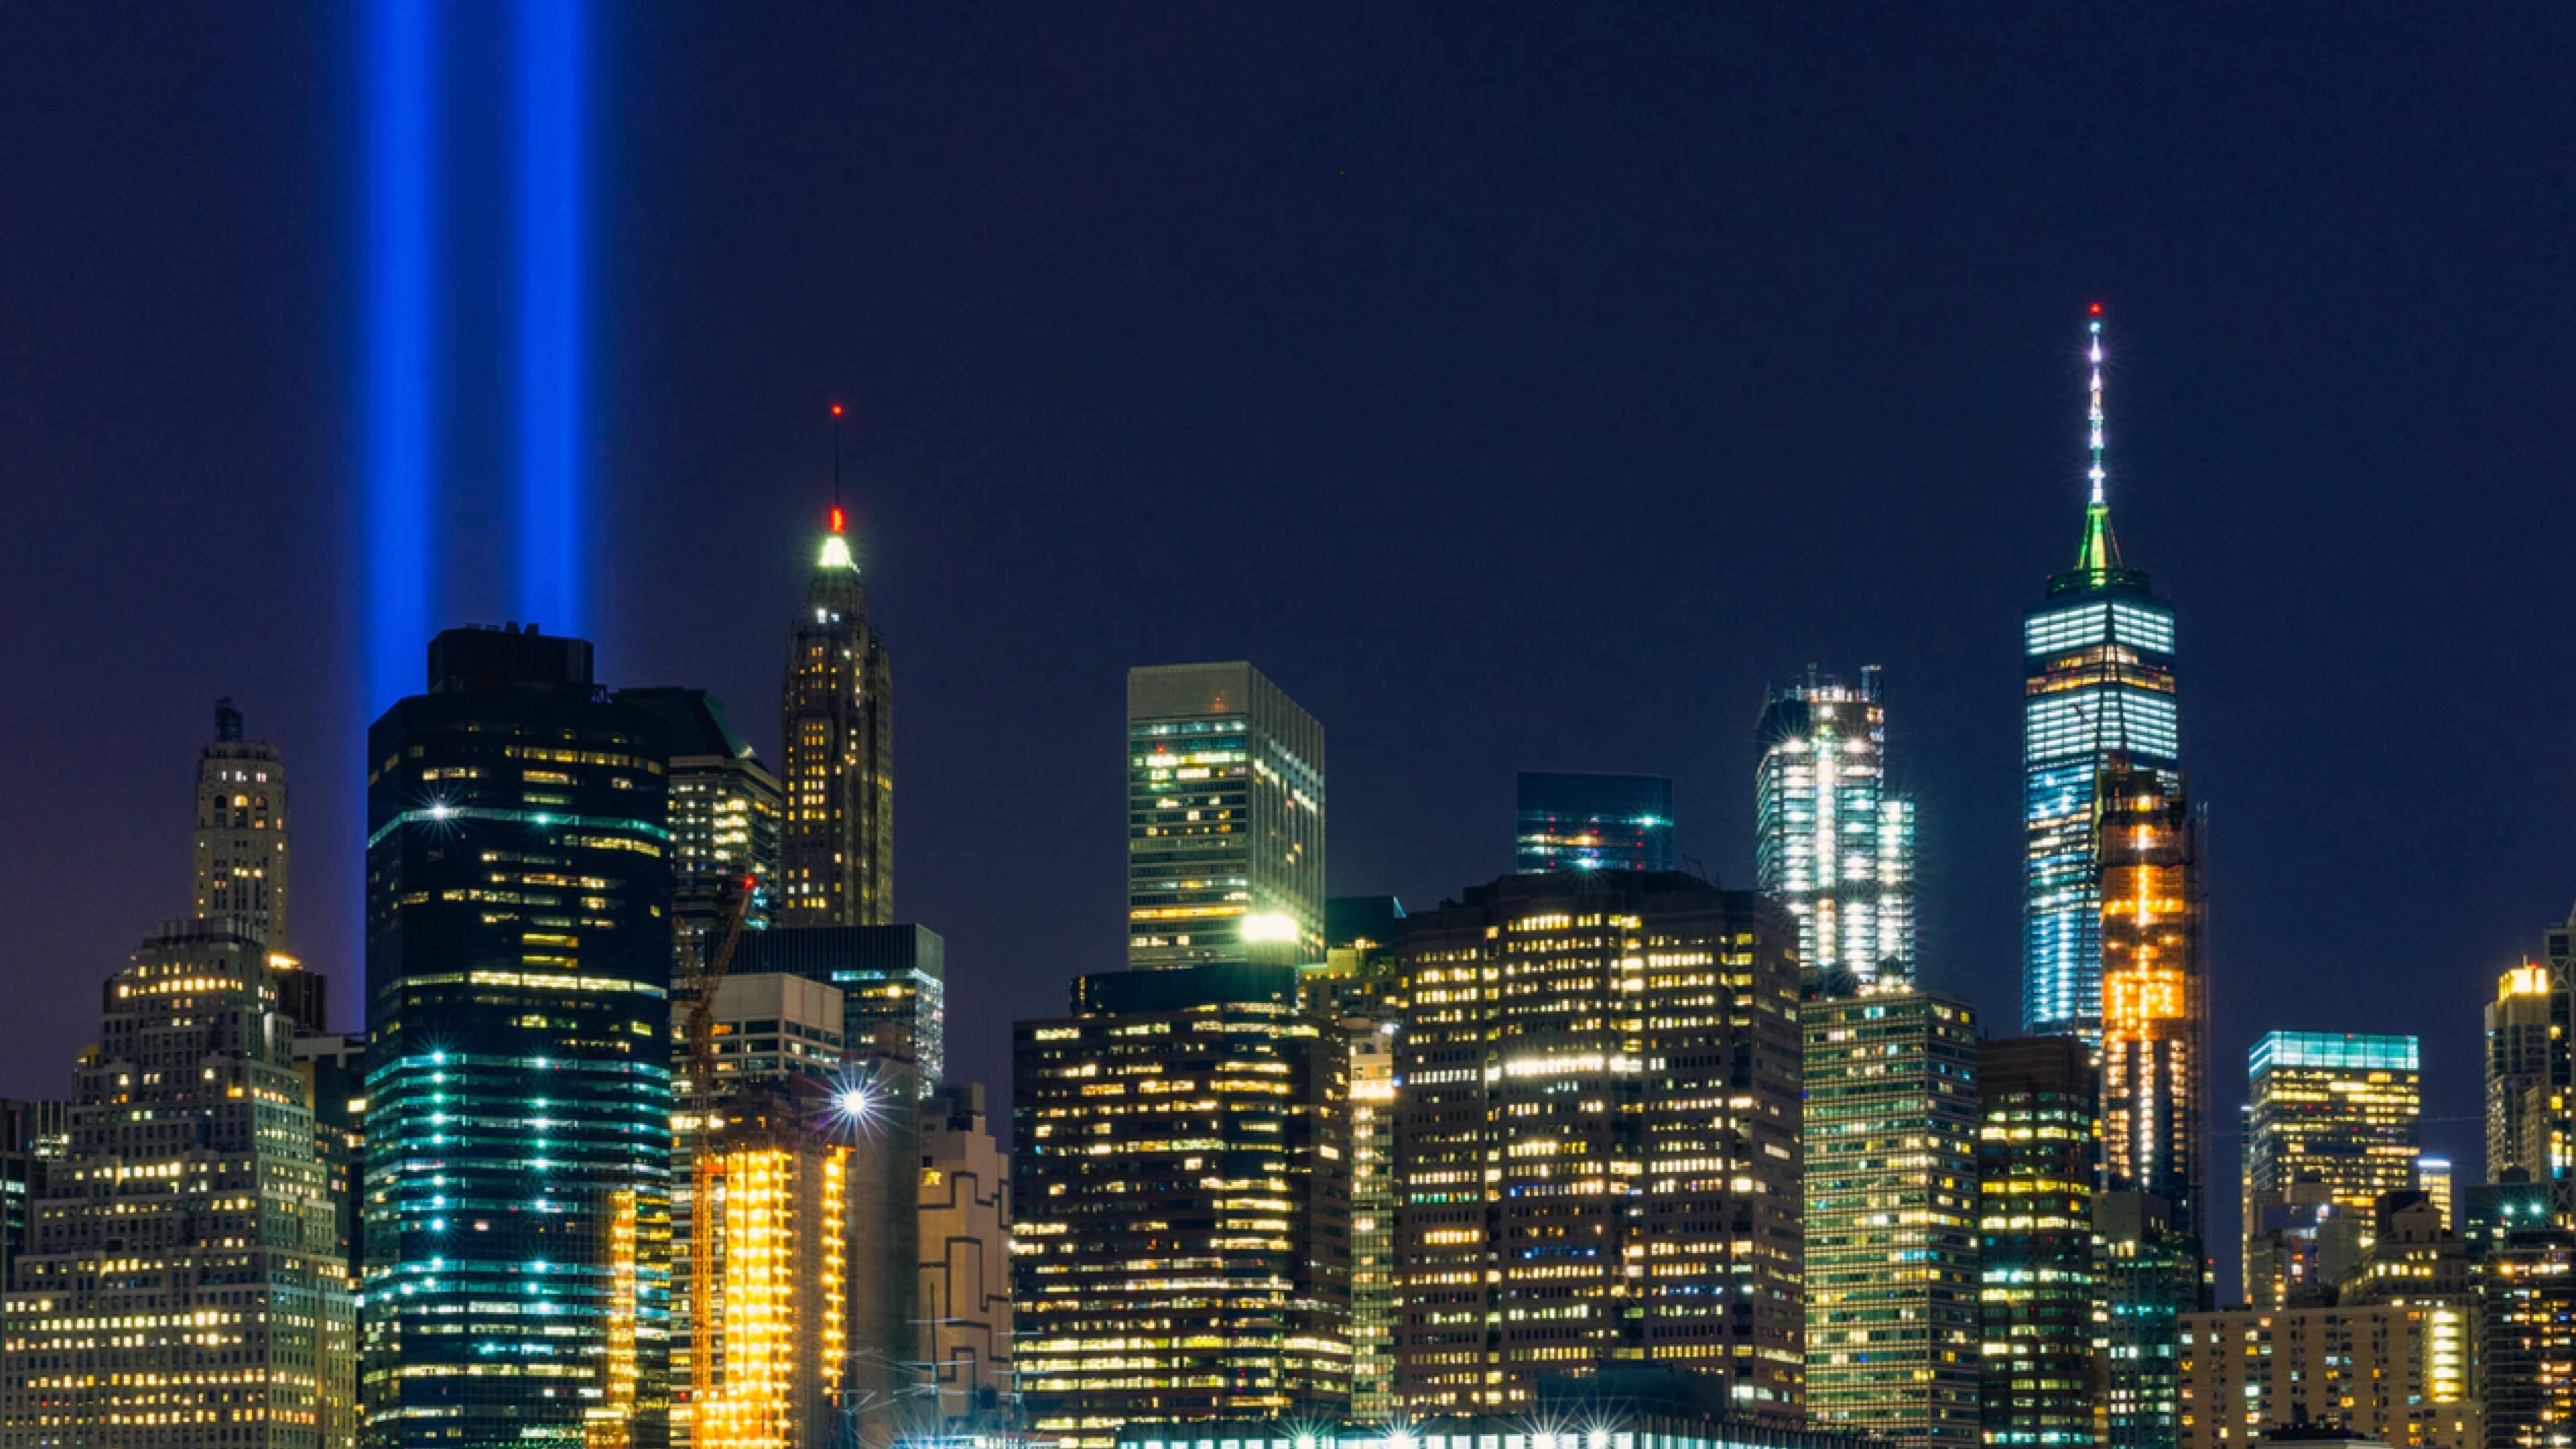 Memorial-911-ataques-terroristas-estados-unidos